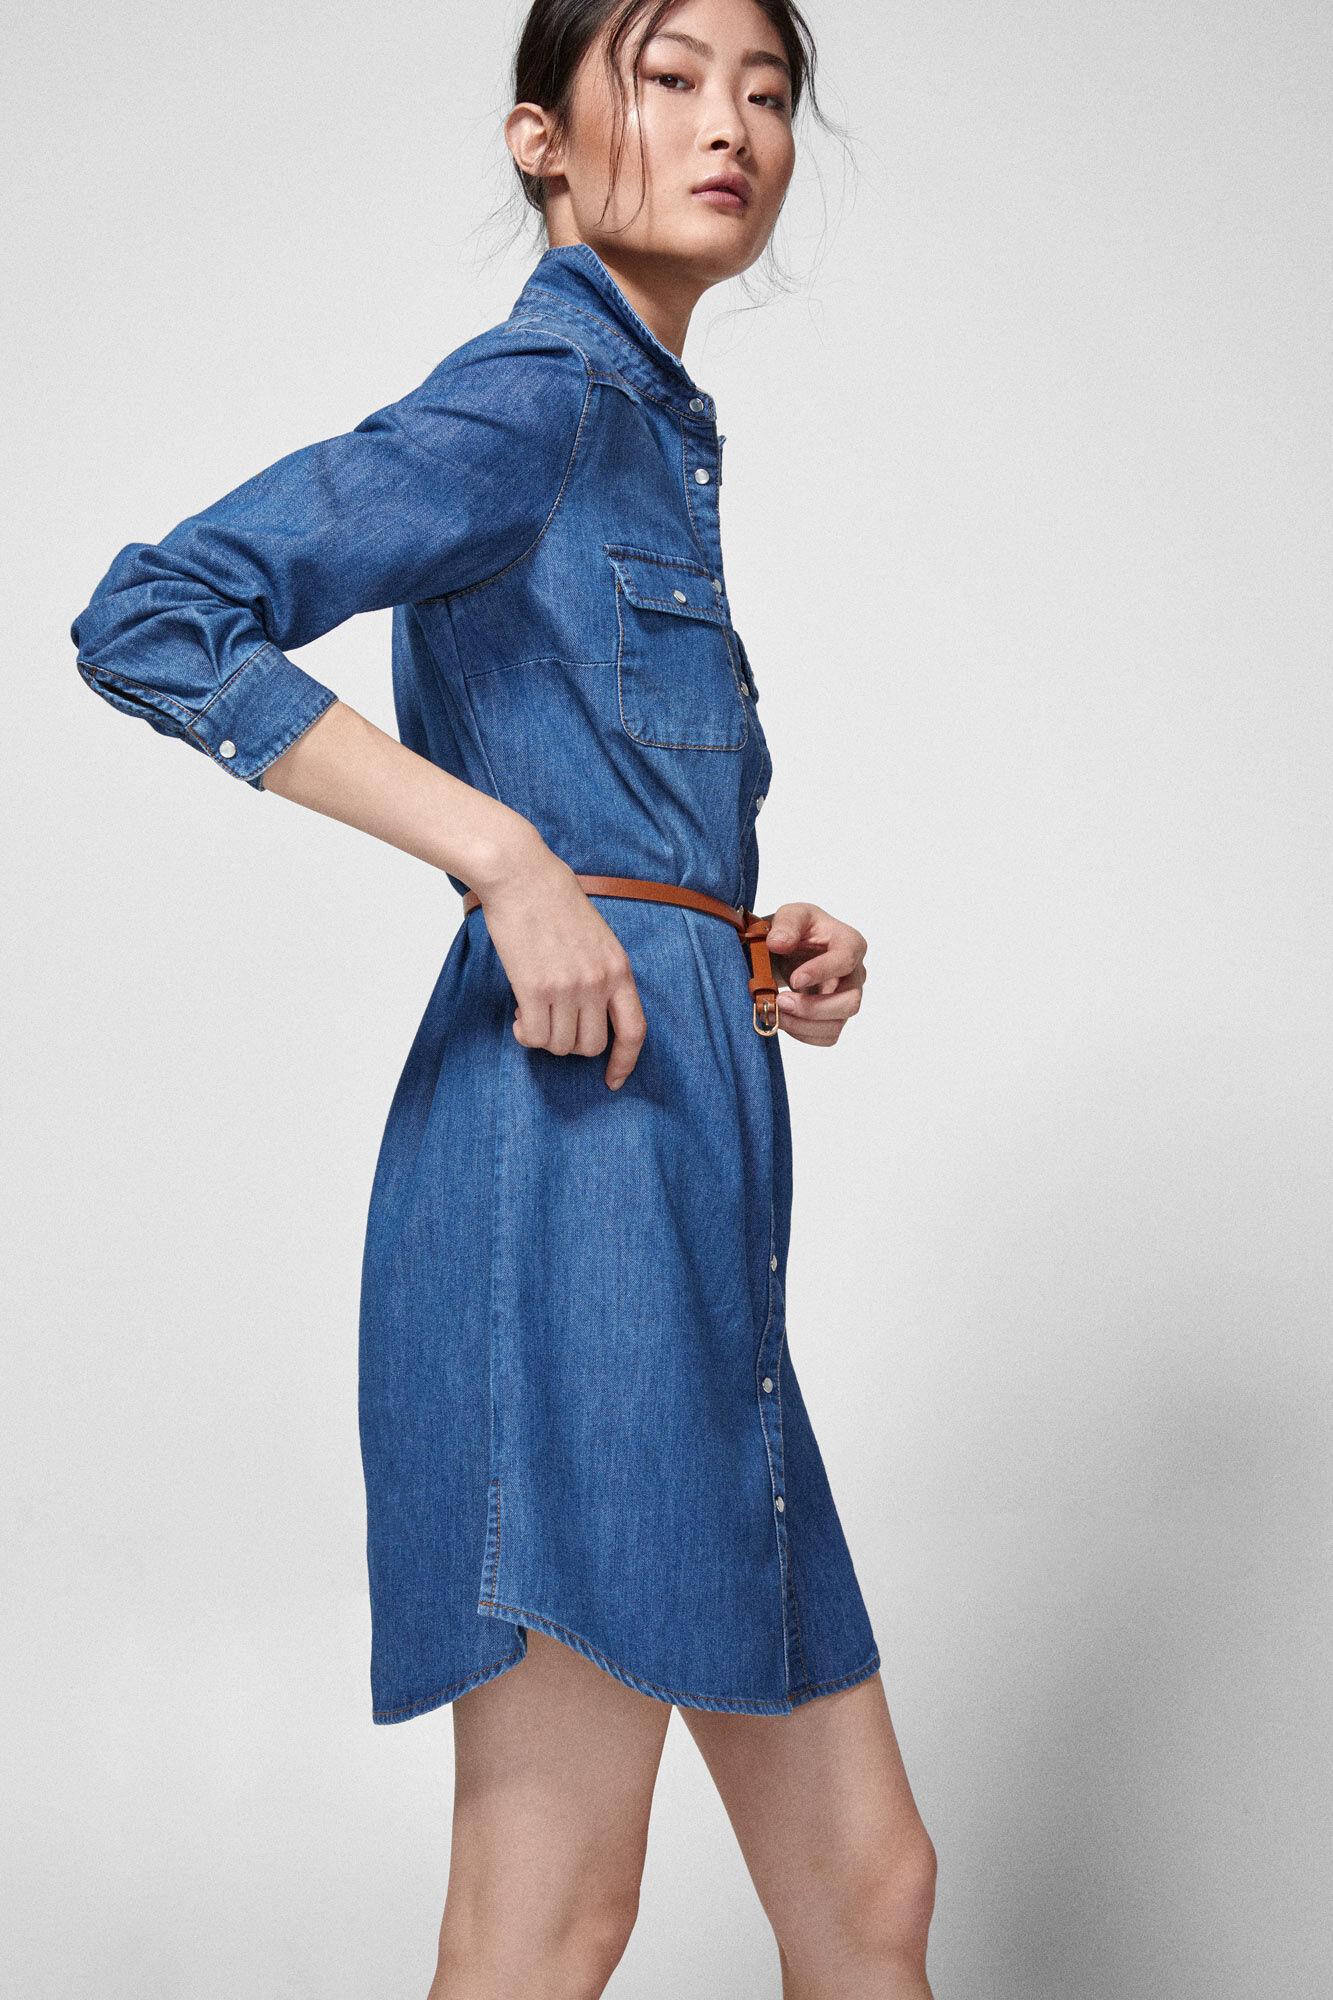 Vestido denim & supply ralph lauren